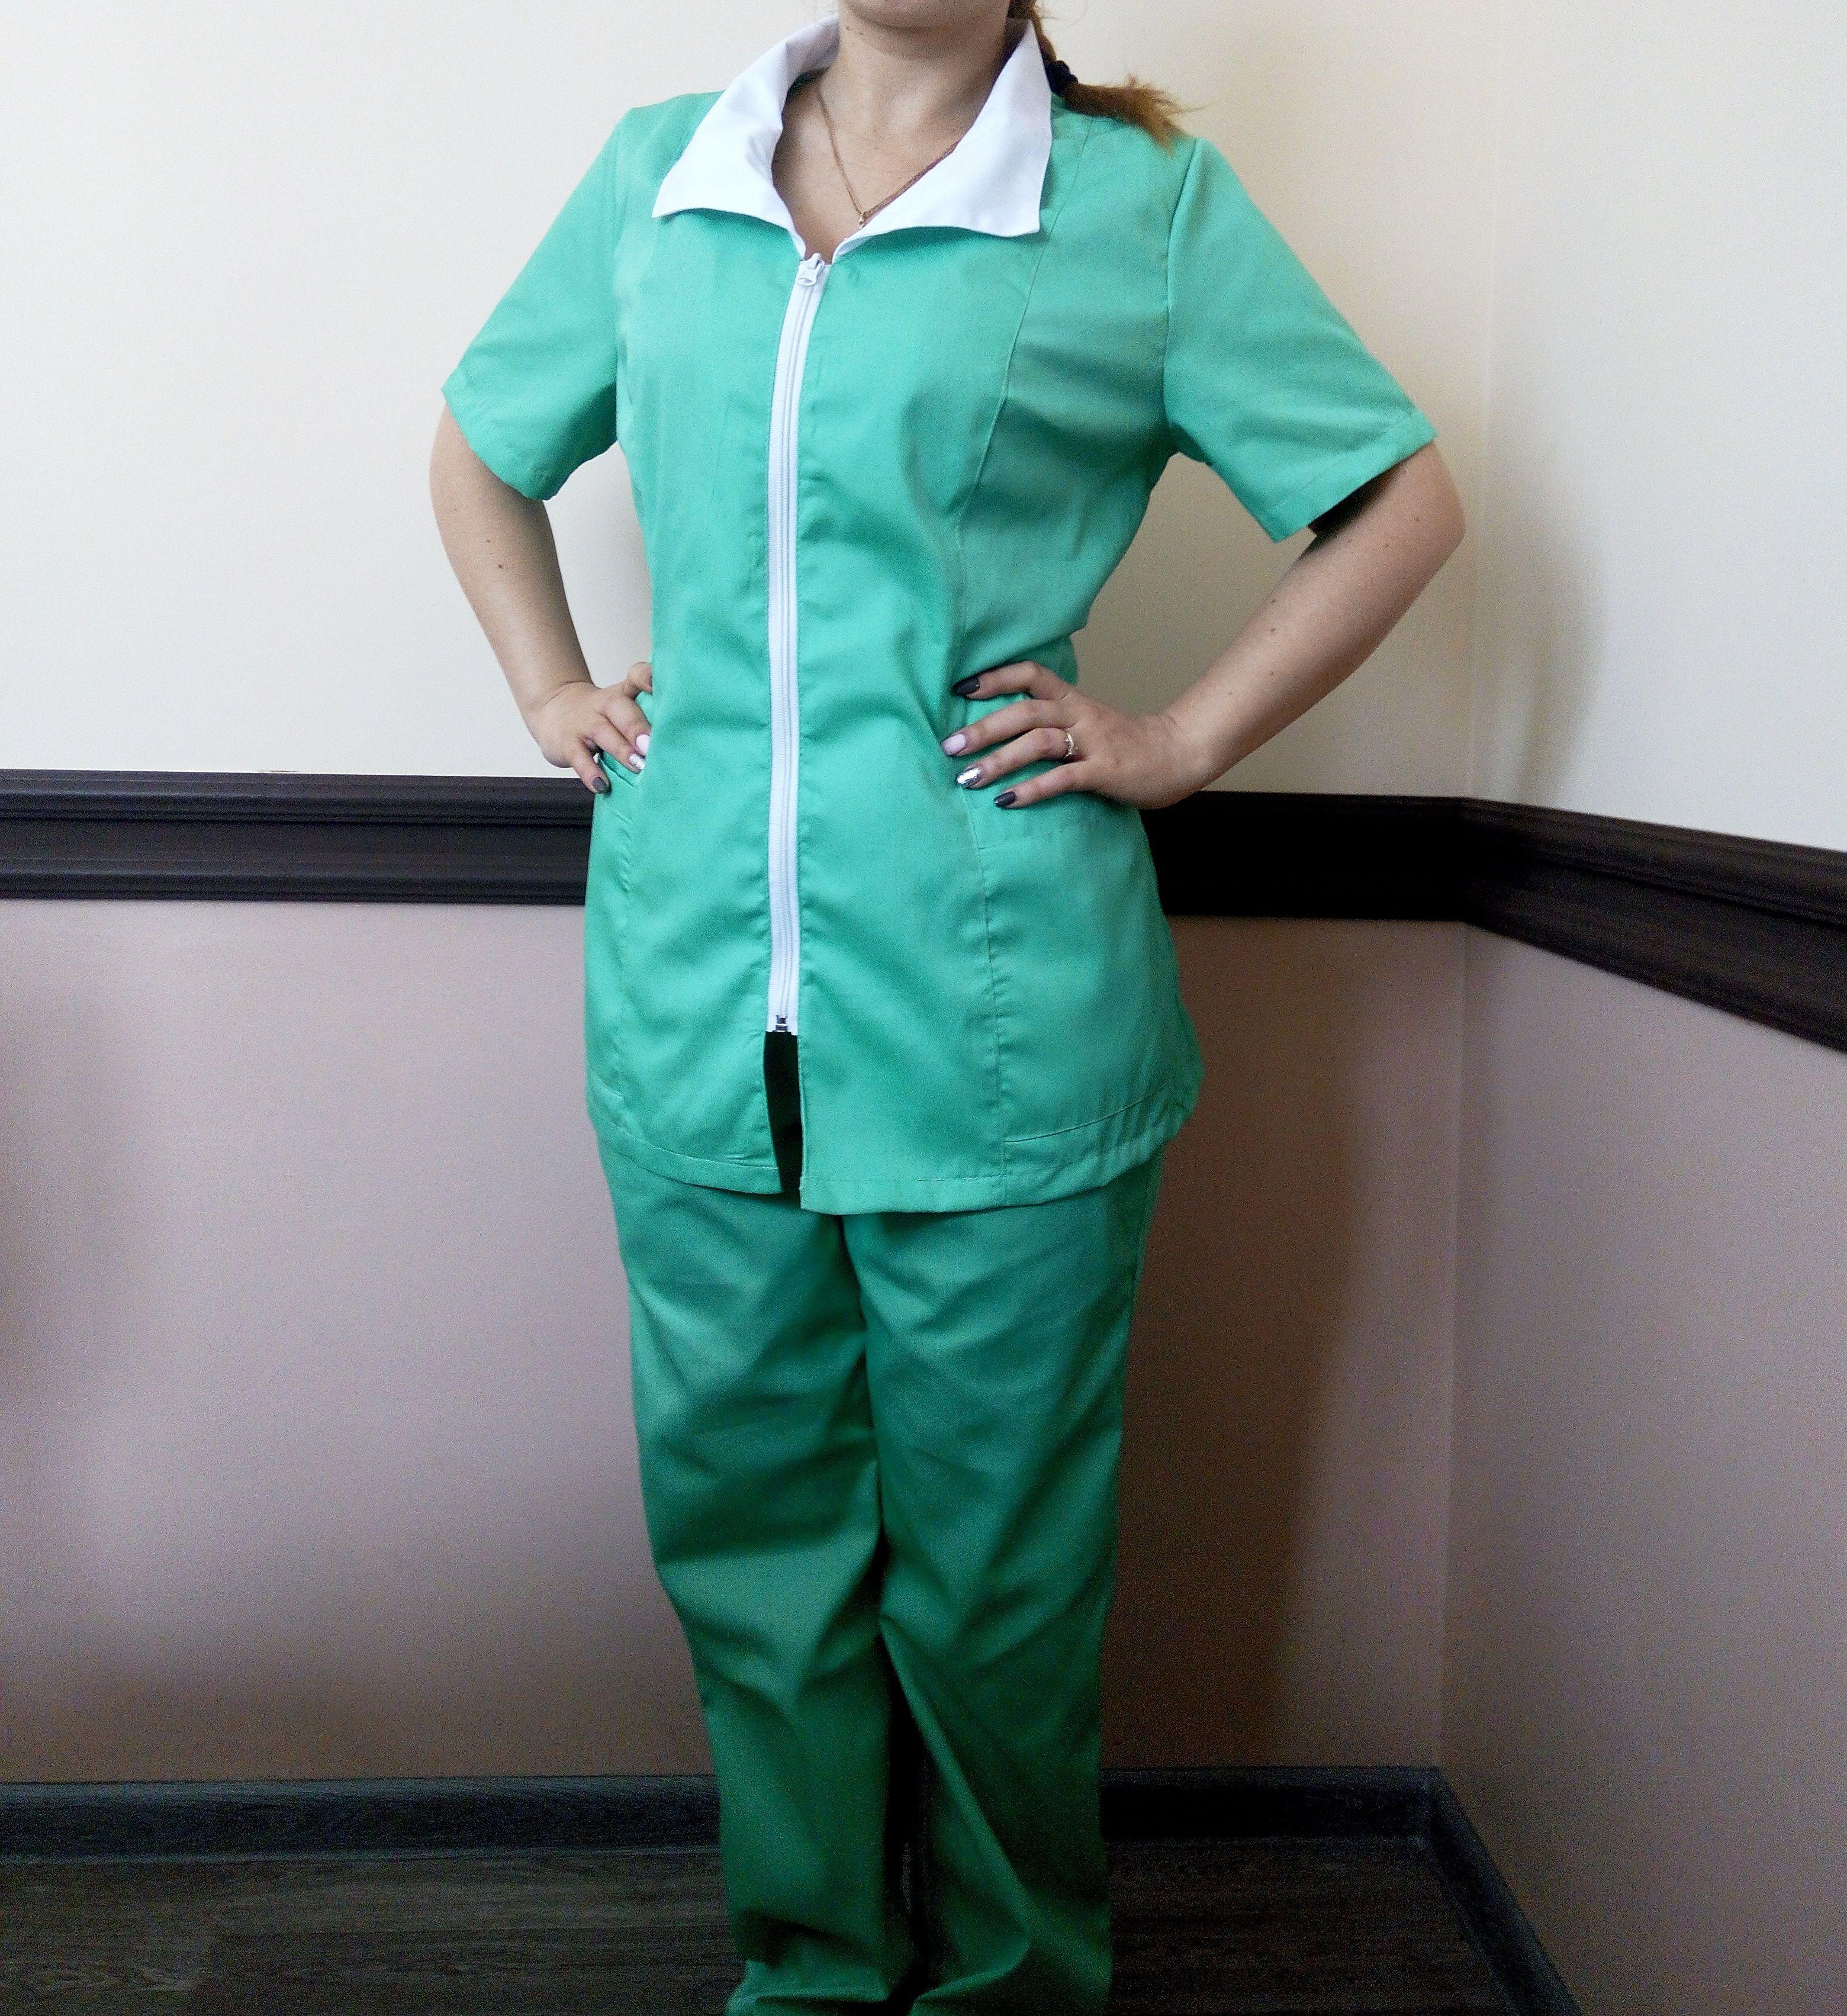 Форма для горничной, одежда для медперсонала, костюм для горничной,